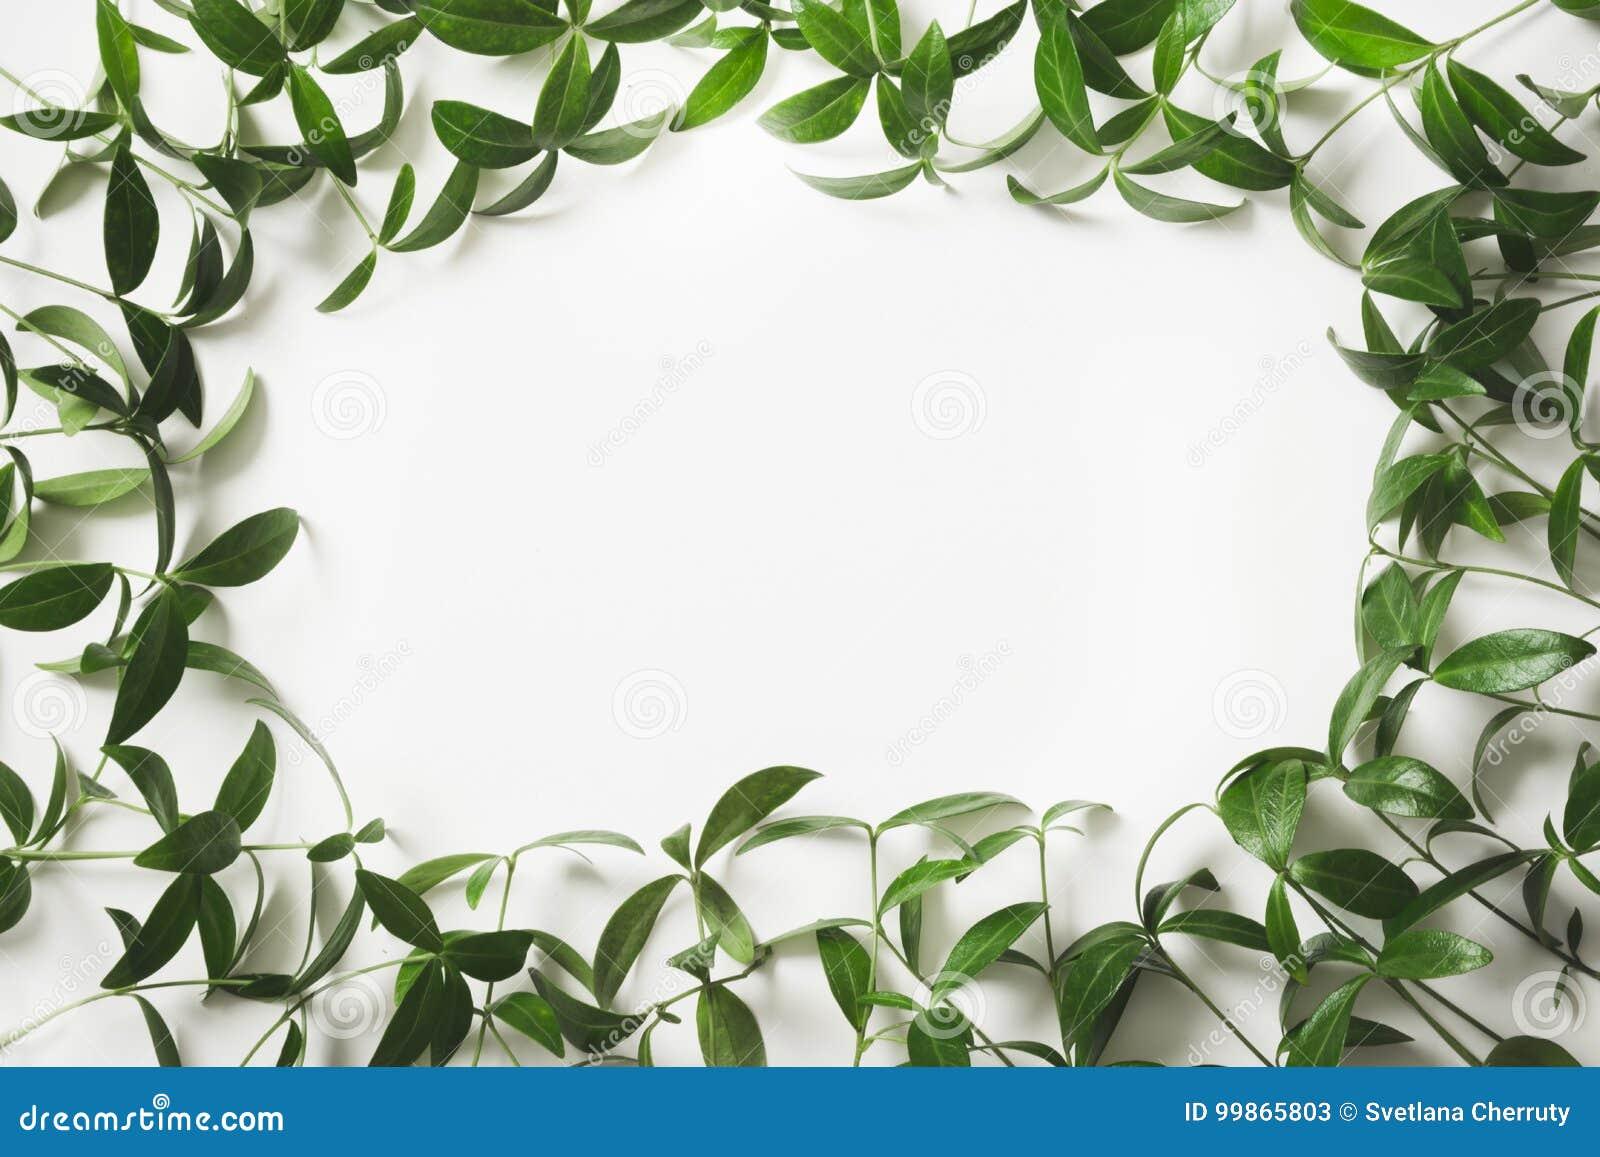 Disposizione creativa fatta delle foglie verdi con lo spazio in bianco vuoto per la nota su fondo bianco Vista superiore